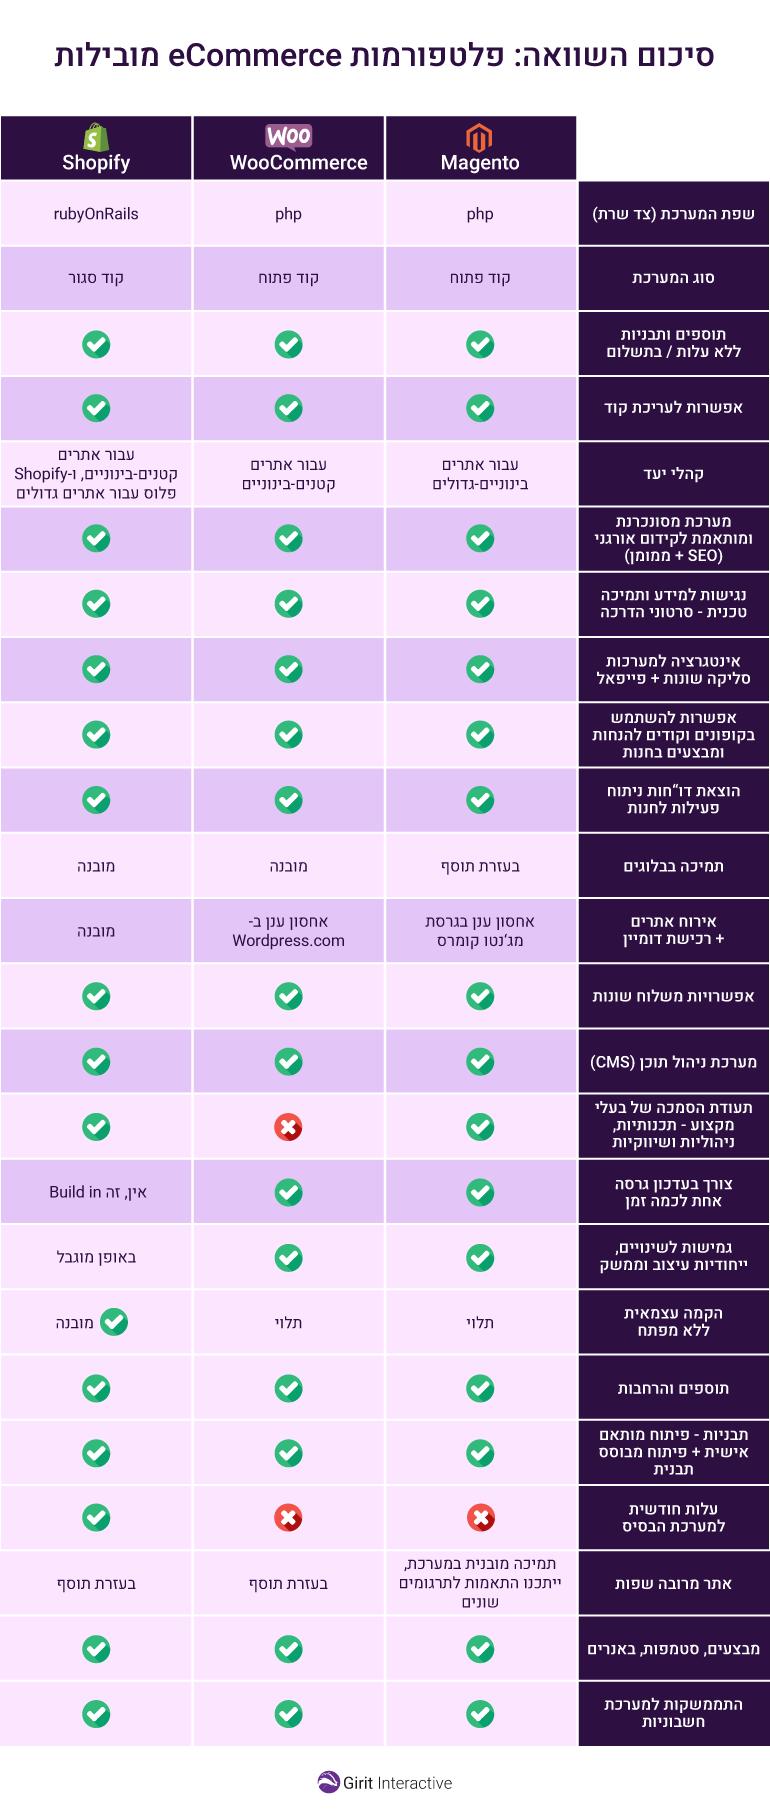 השוואה בין פלטפורמות חנויות מקוונות